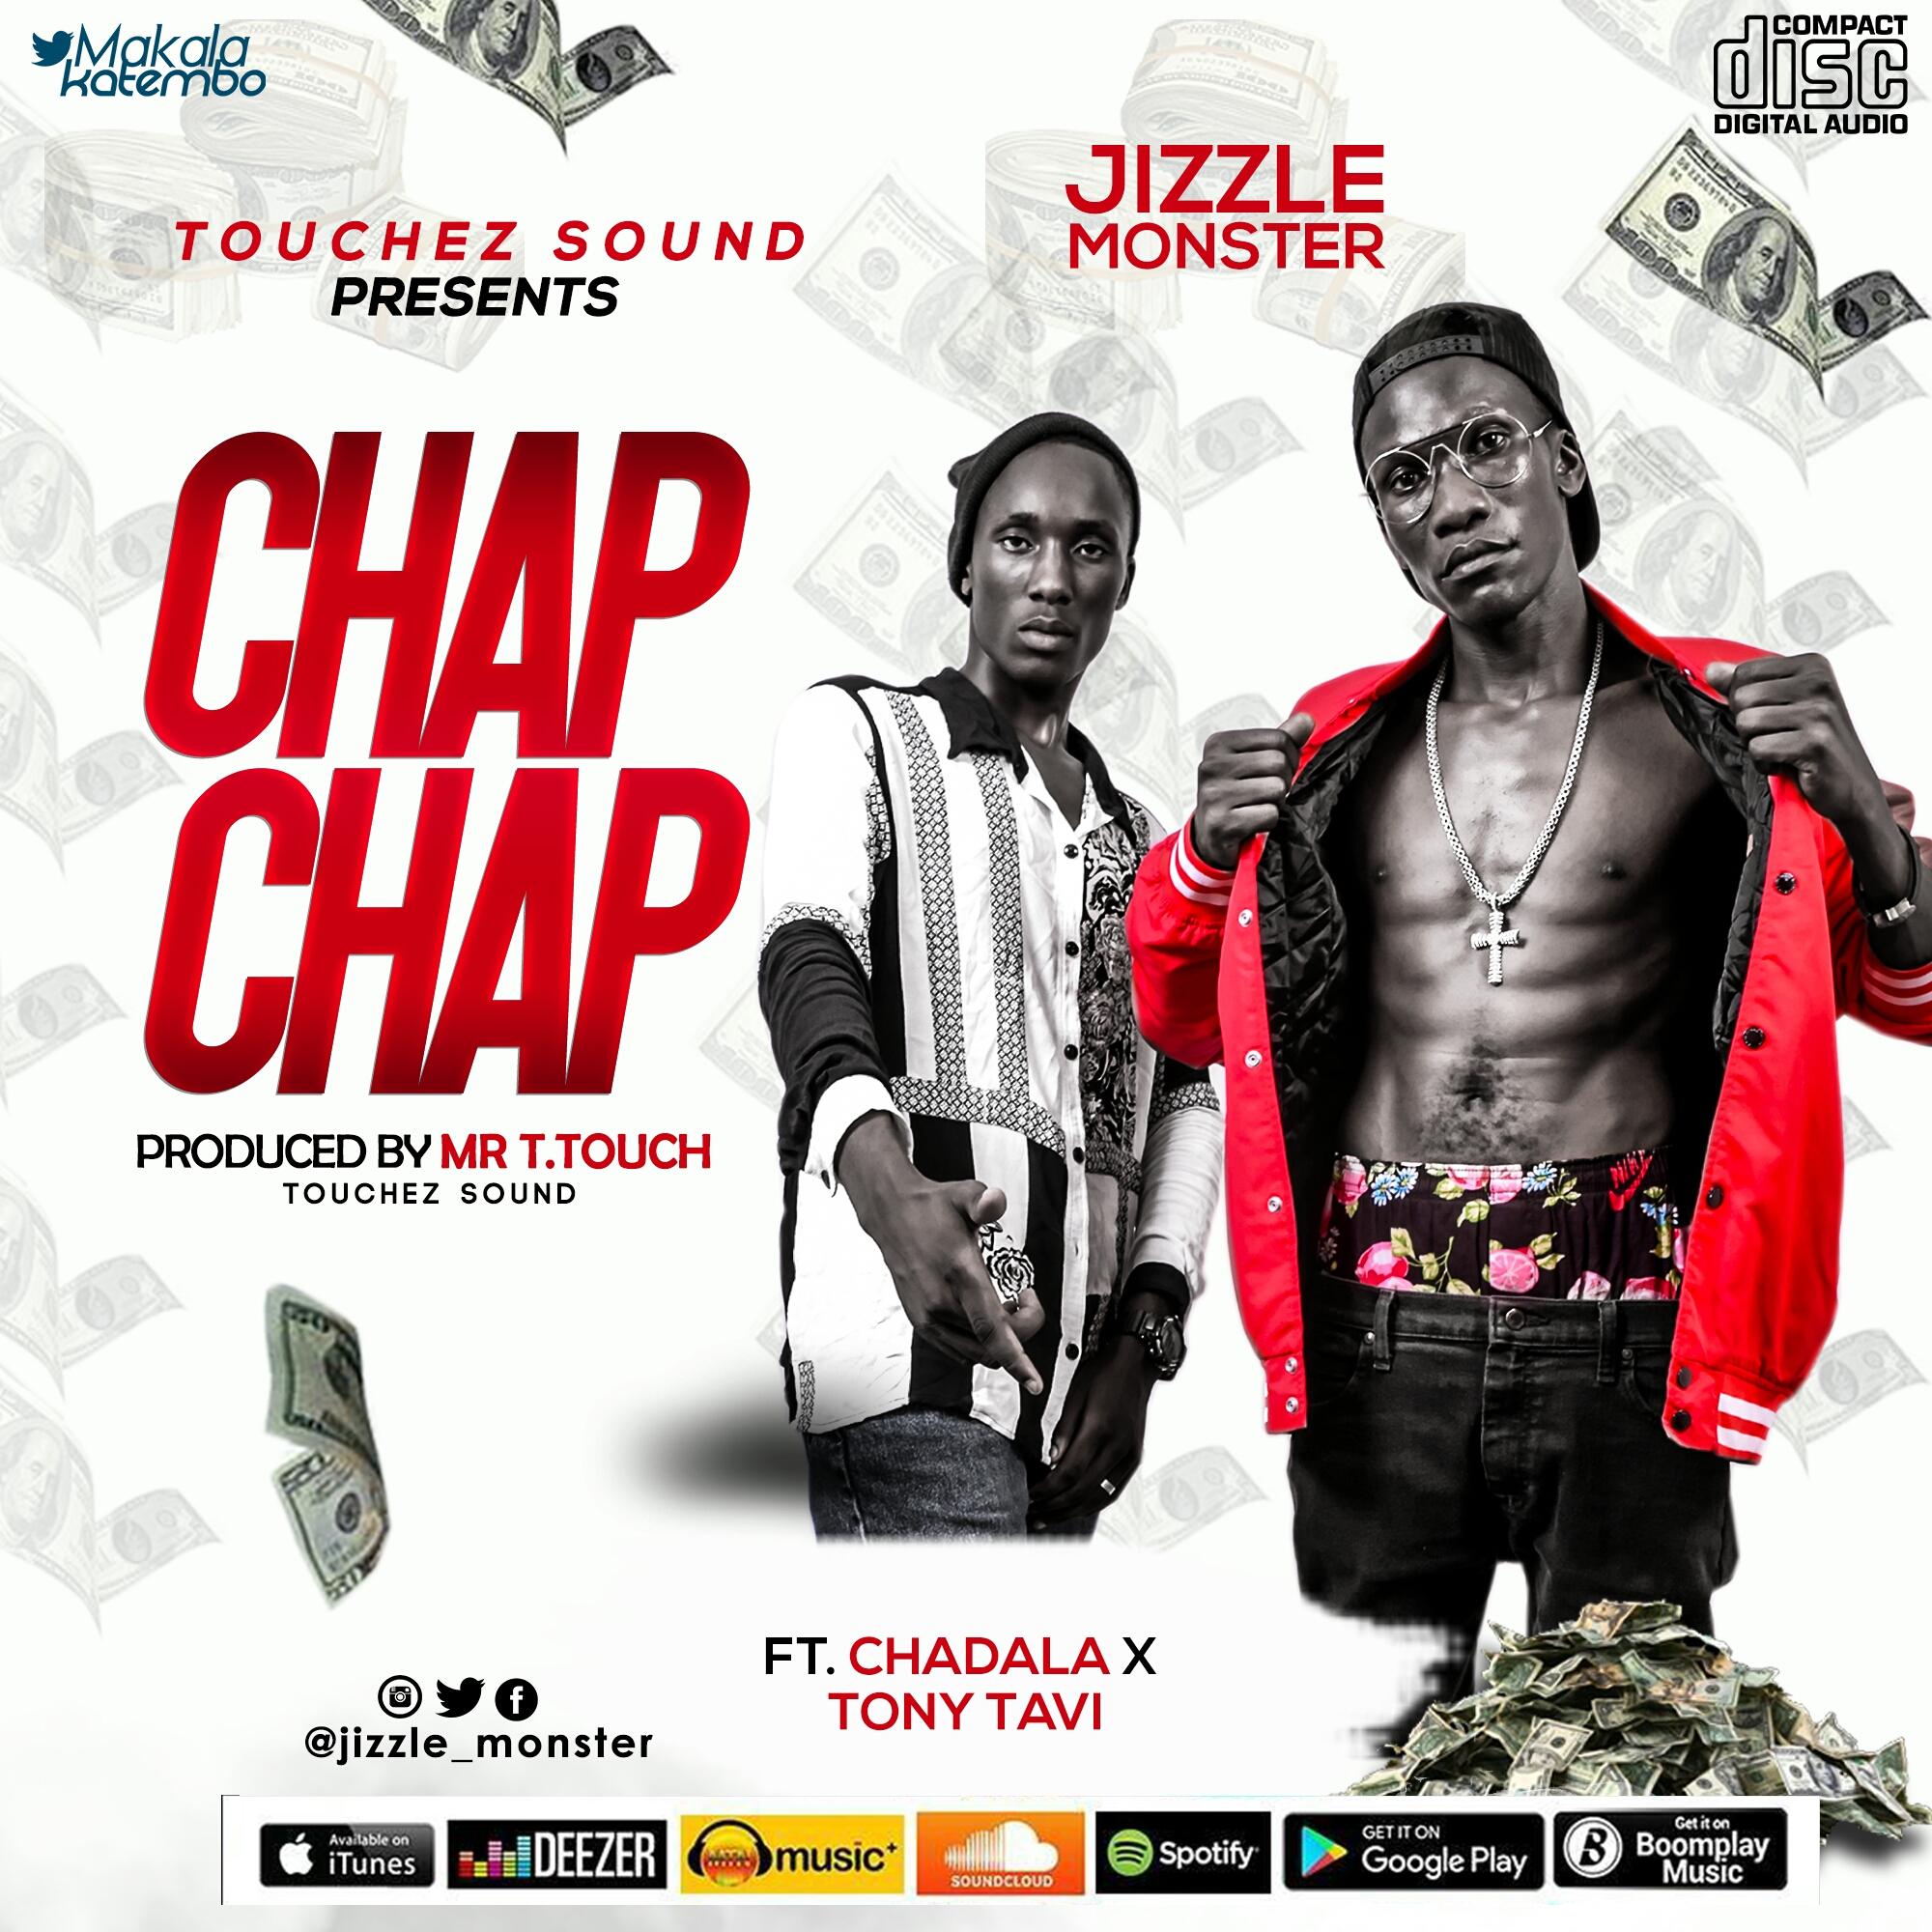 Black Jizzle - CHAP CHAP